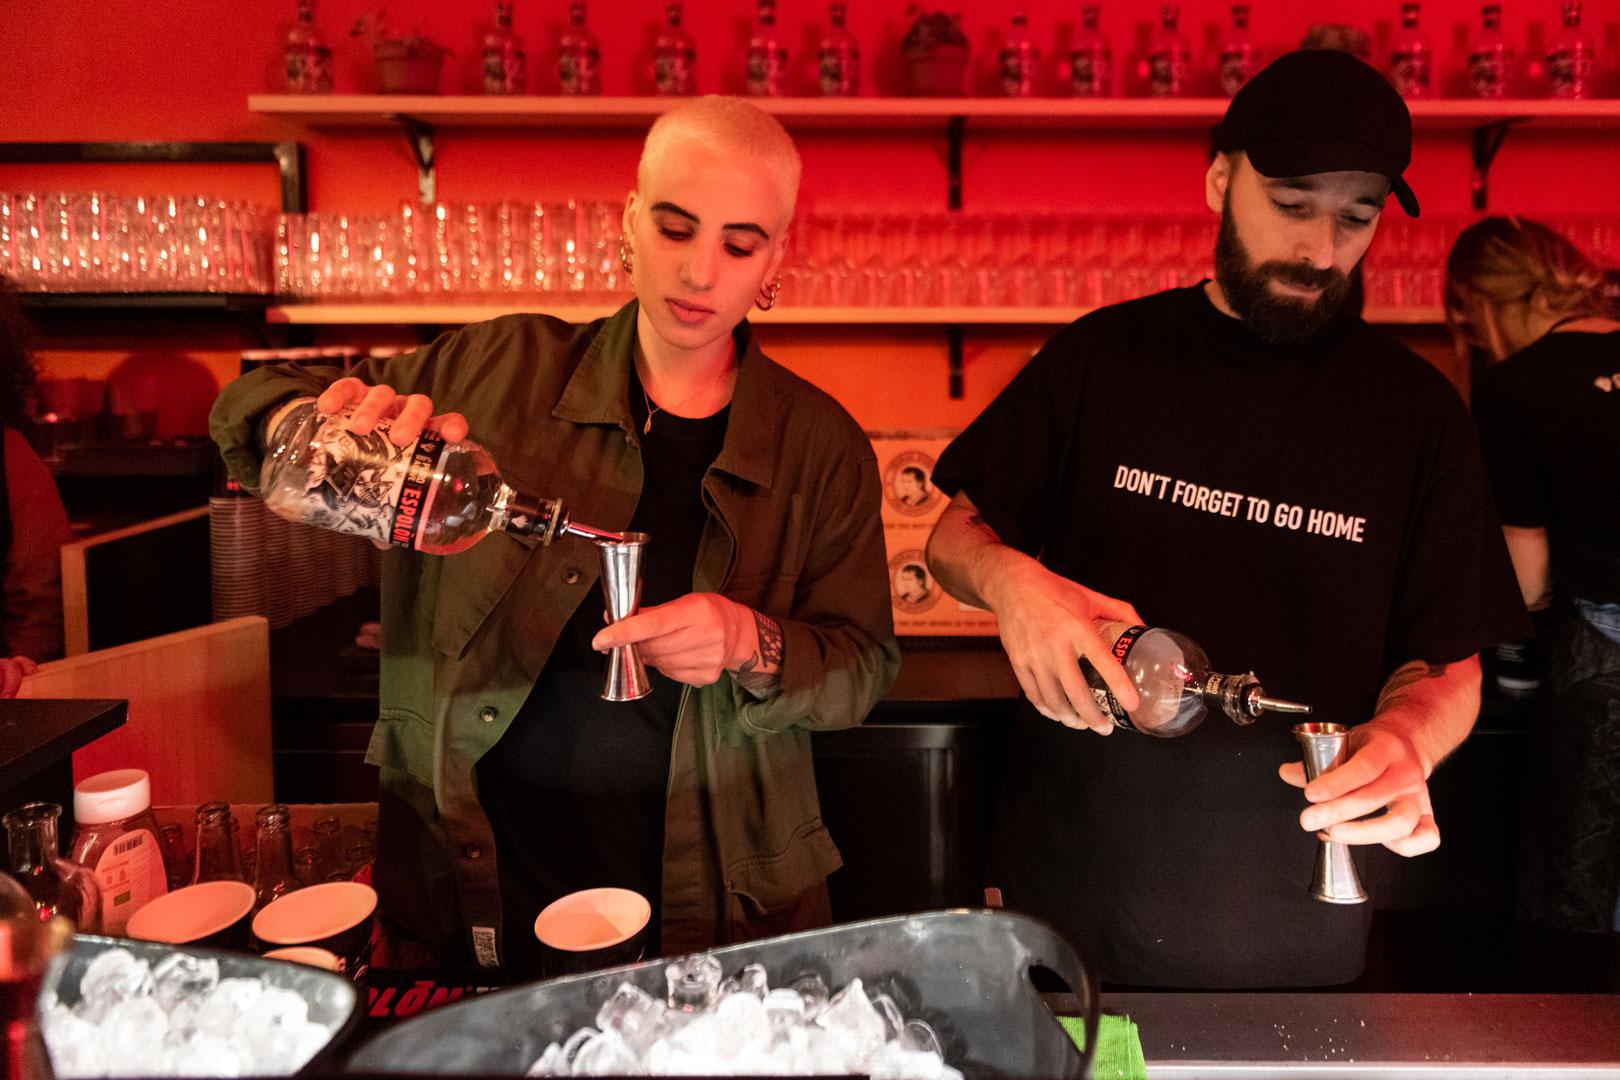 Il duo Coma_Cose si cimenta nella preparazione dei cocktail a base di tequila Espolòn